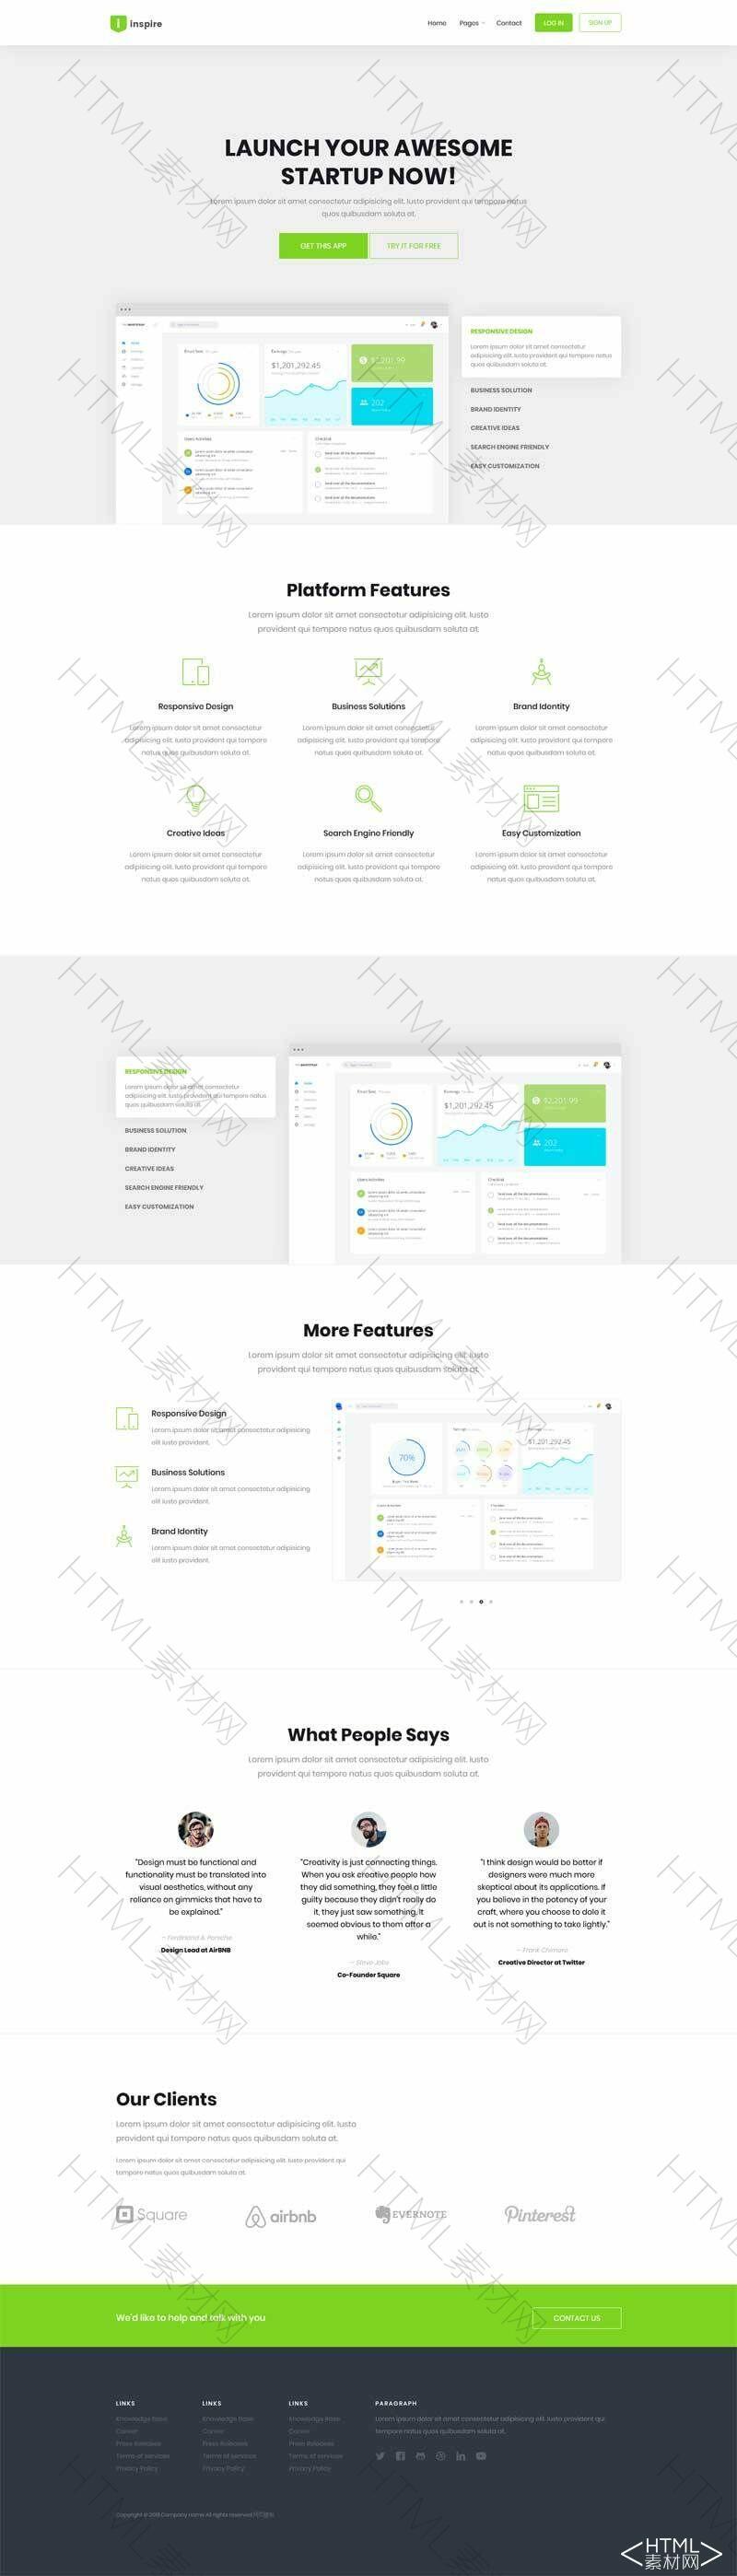 绿色的软件开发数据分析网站模板.jpg